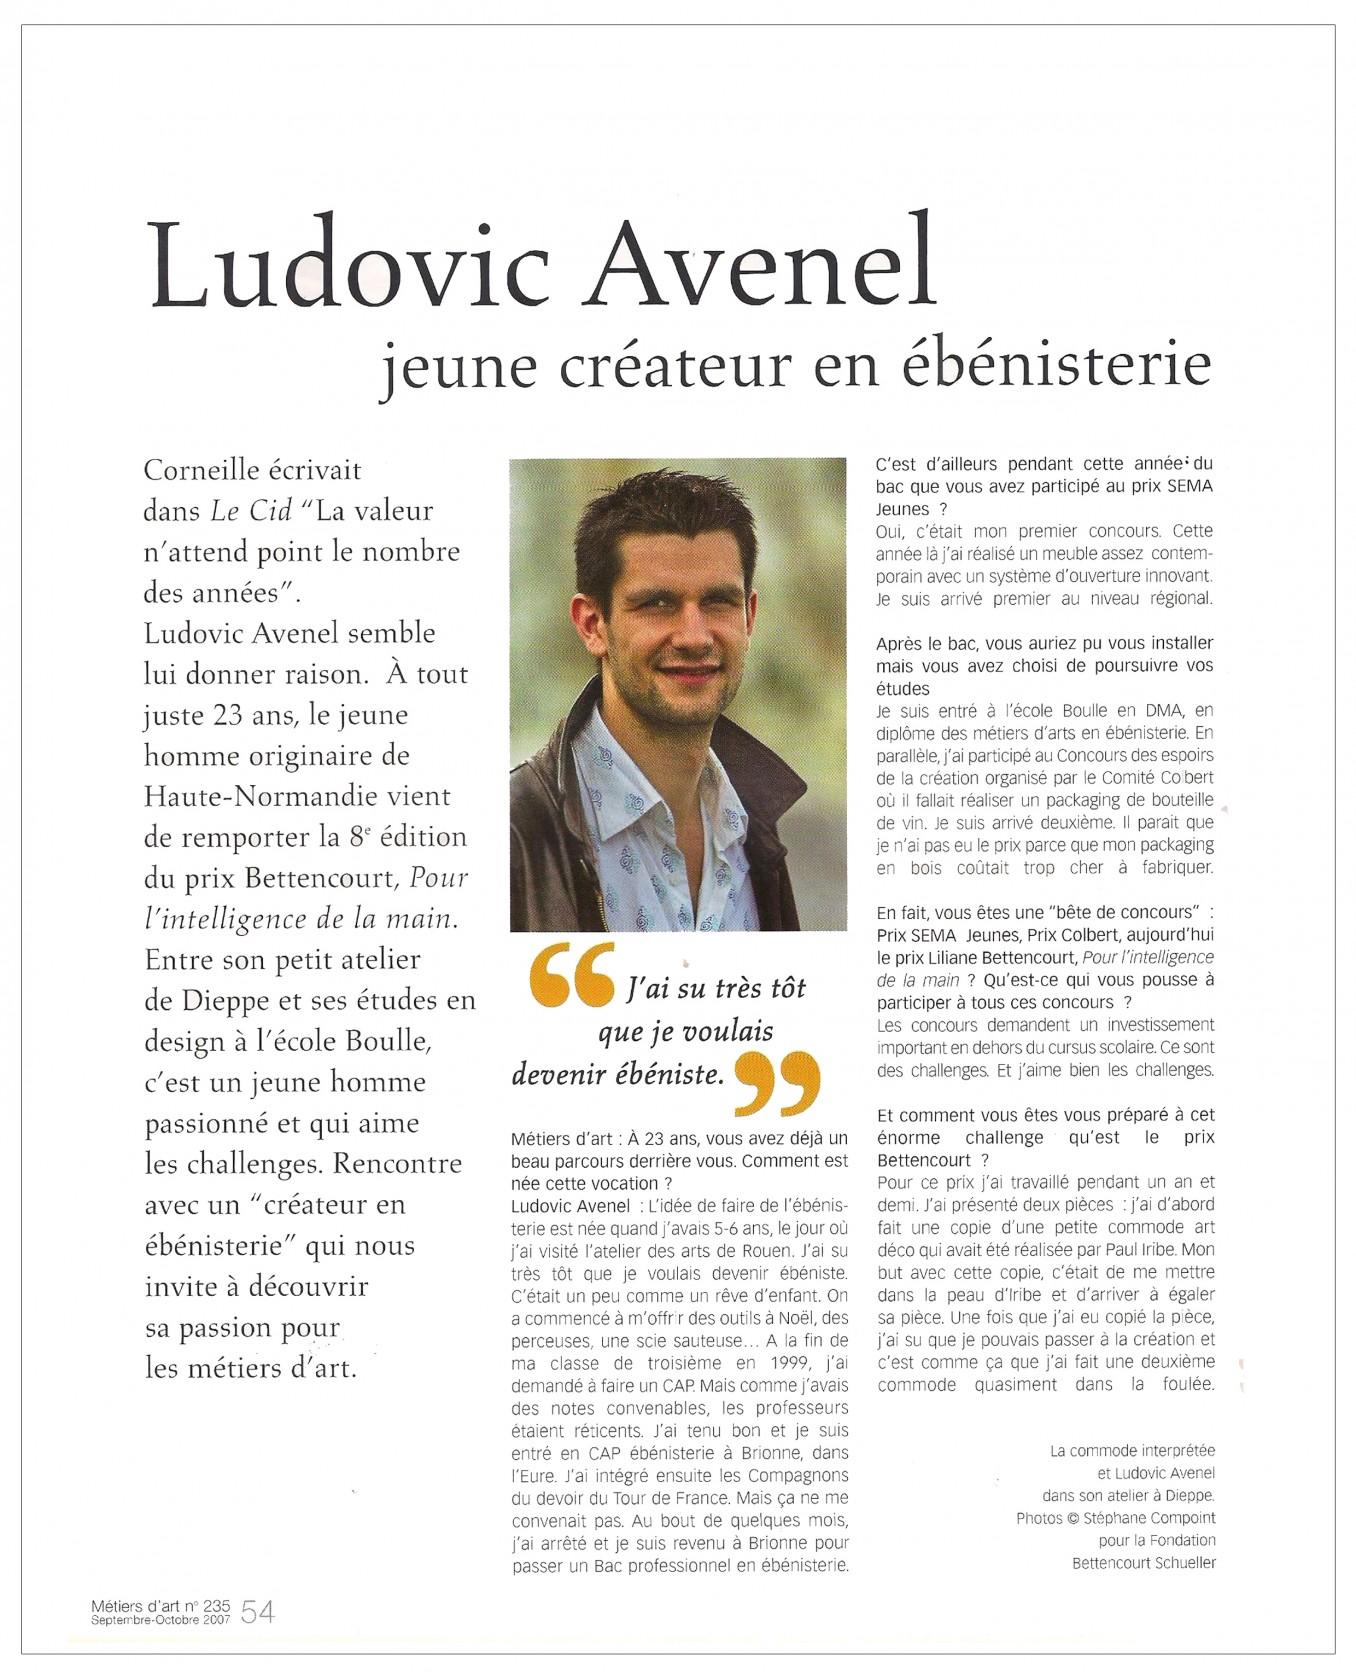 Ludovic AVENEL : ébéniste créateur - Ludovic_Avenel_press_métiers d'art_ebeniste_créateur_design_sur mesure_2